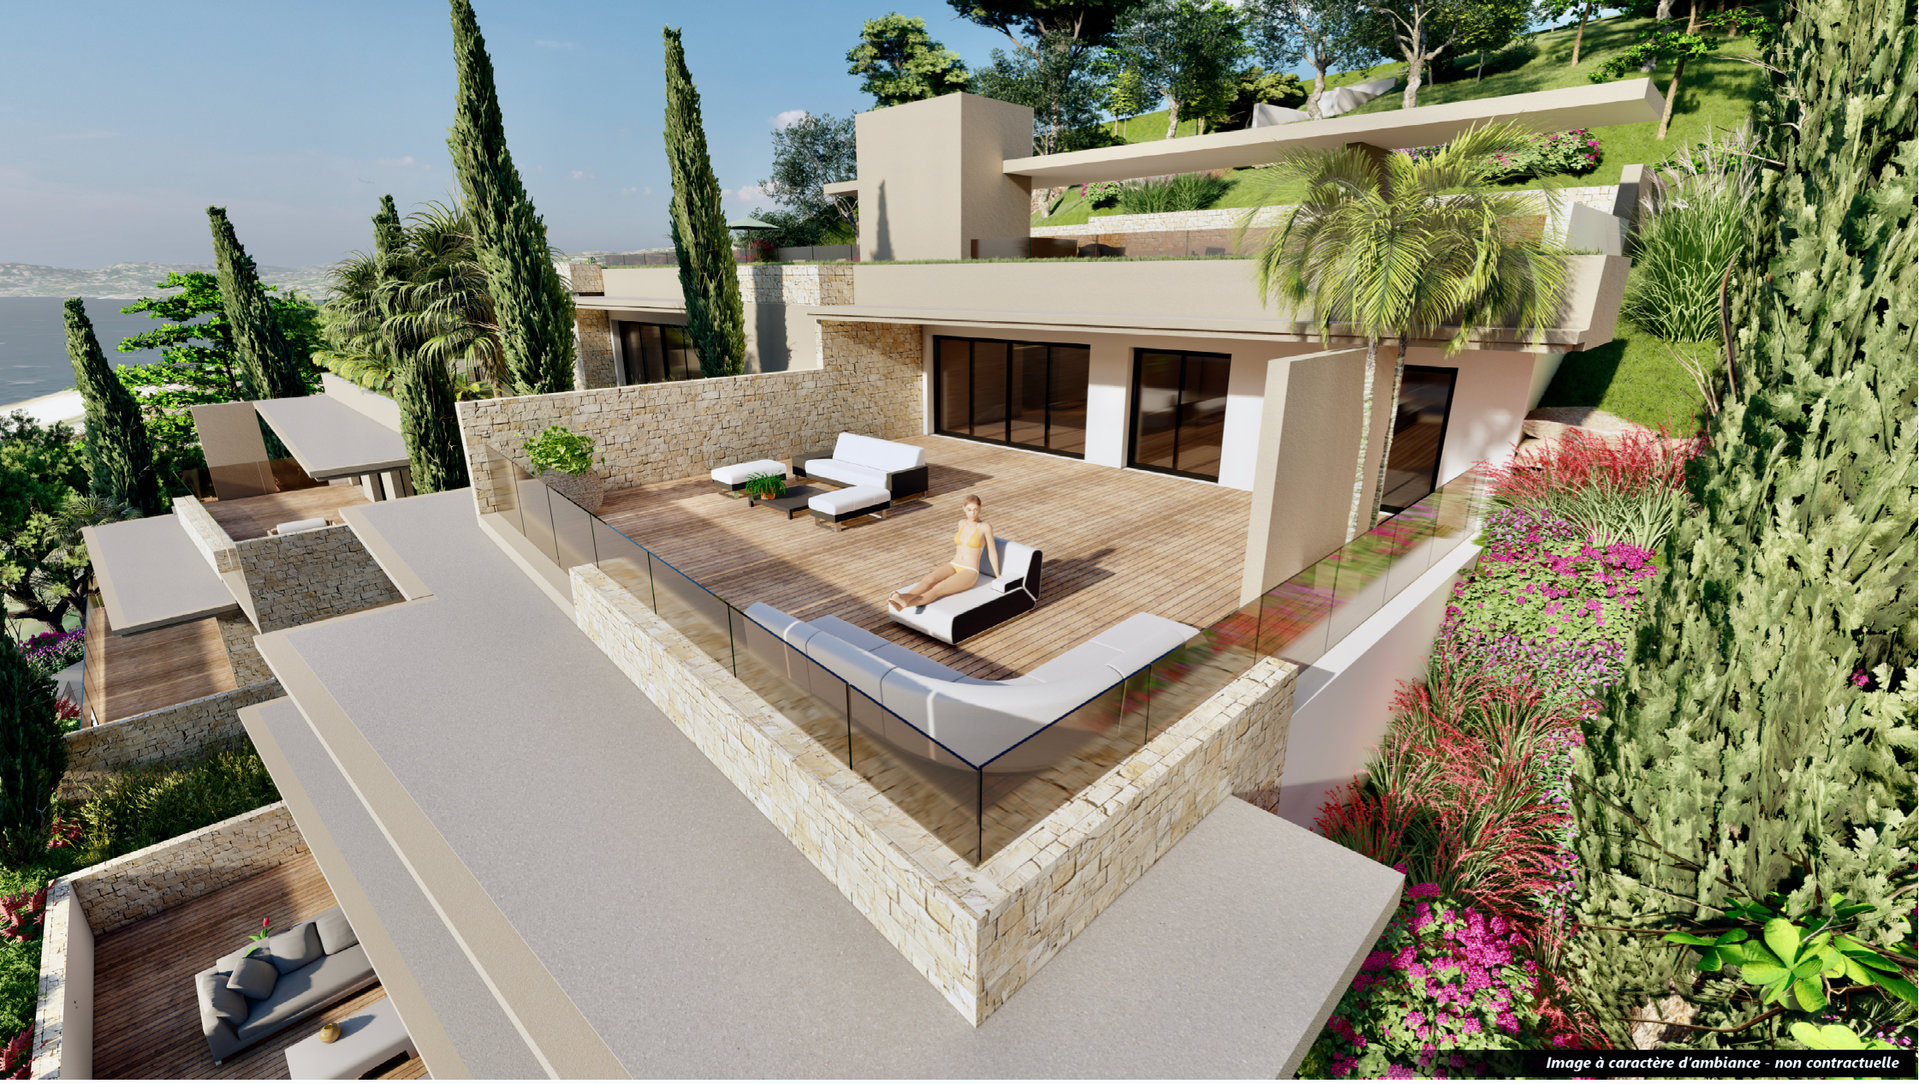 Les Issambres - appartement neuf luxueux de 94,5 m2 -  haut standing avec une vue mer magnifique.